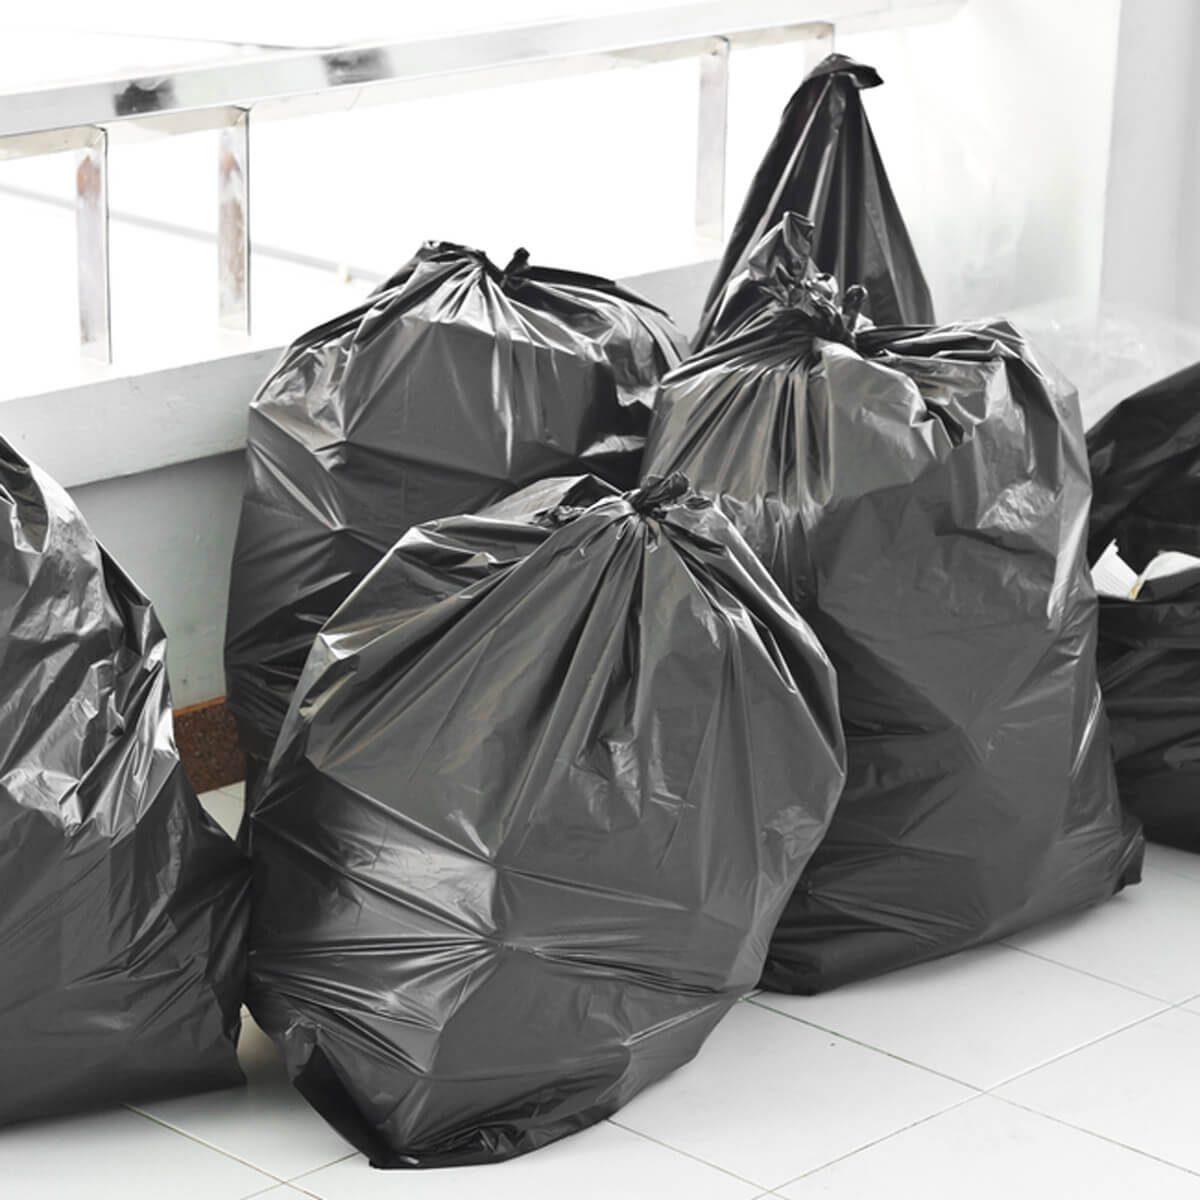 black trash bags